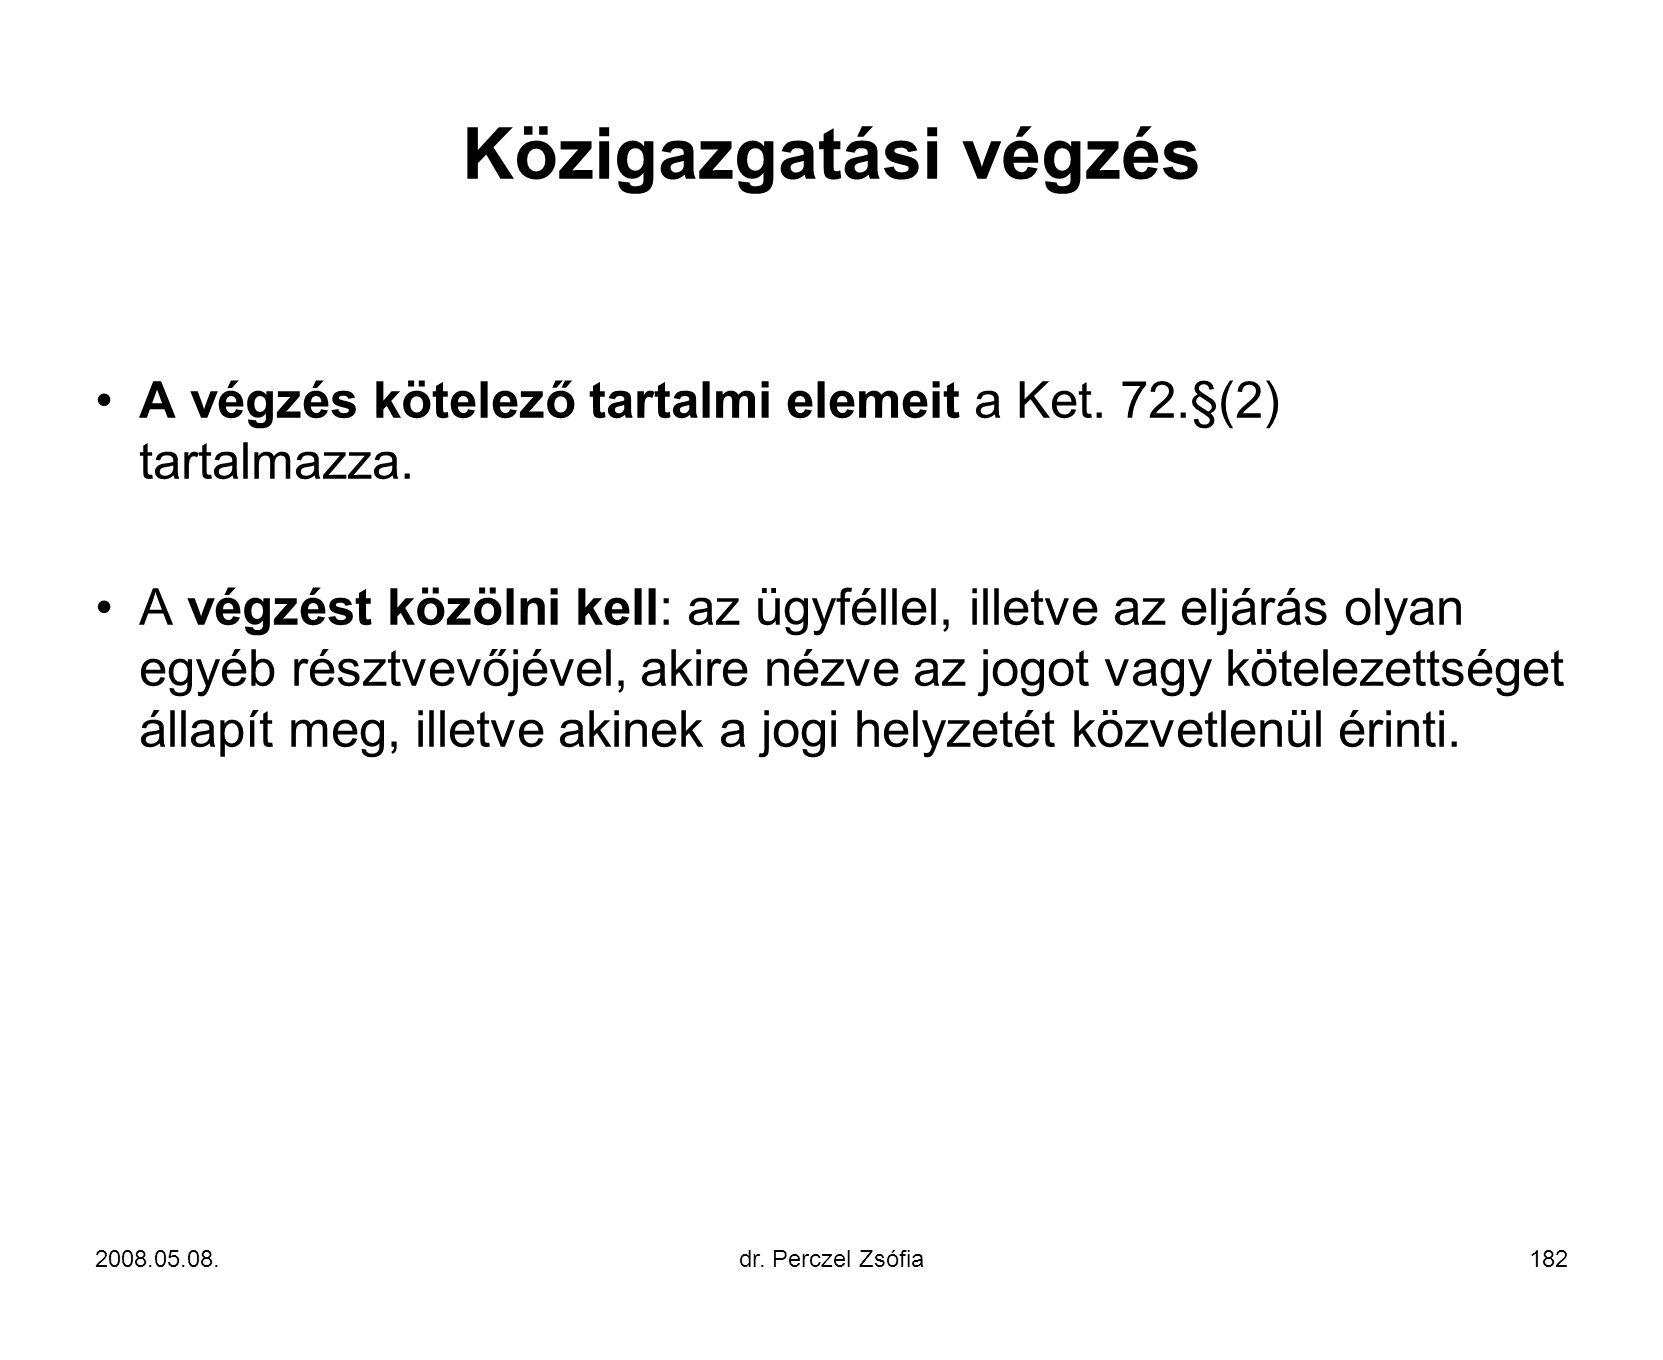 Közigazgatási végzés A végzés kötelező tartalmi elemeit a Ket. 72.§(2) tartalmazza.